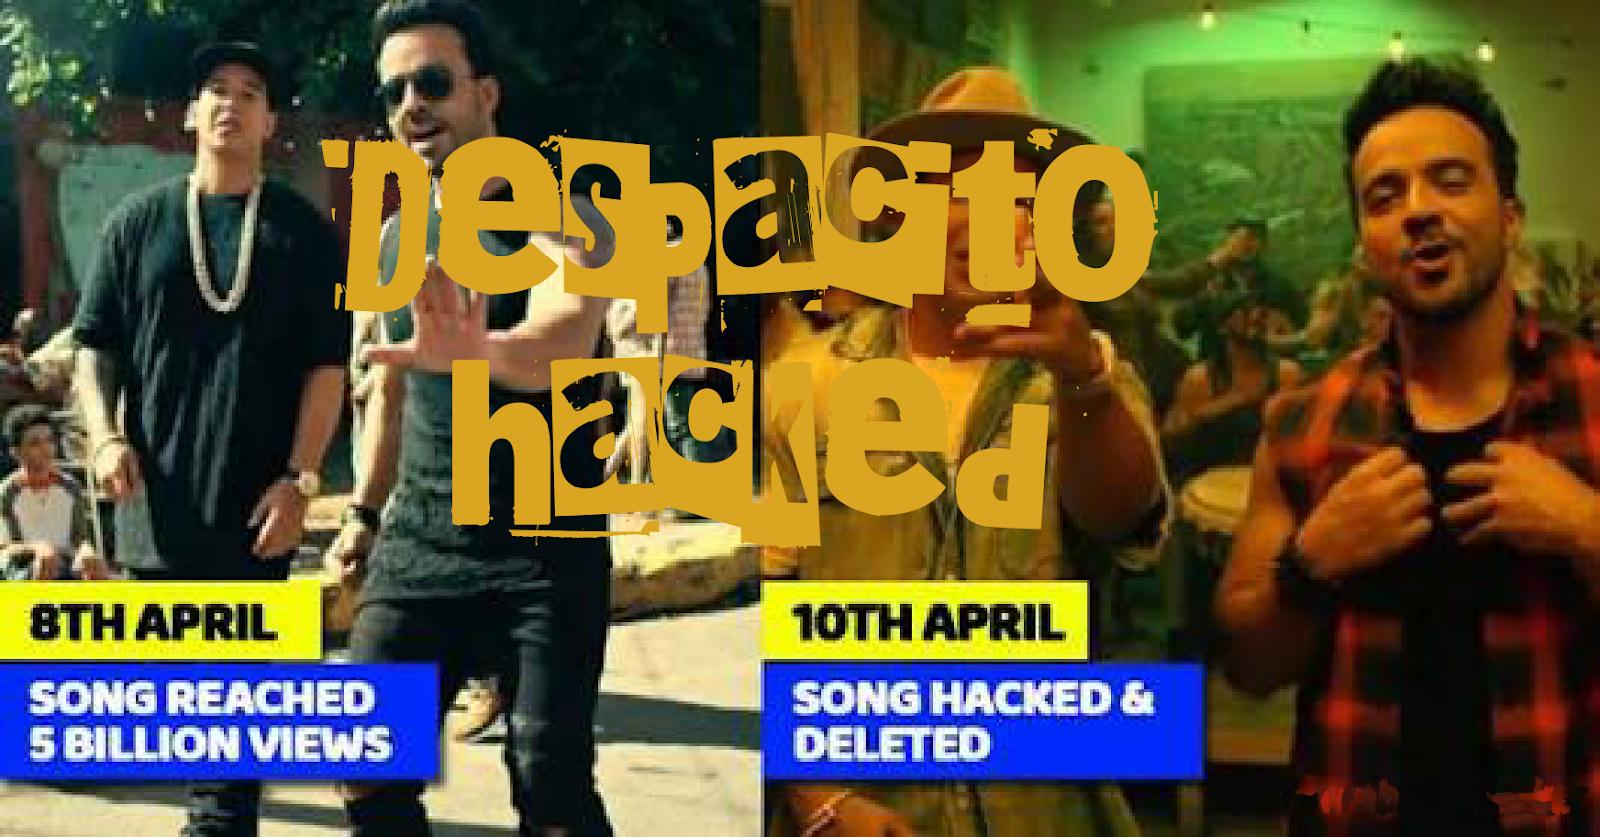 Despacito song hacked